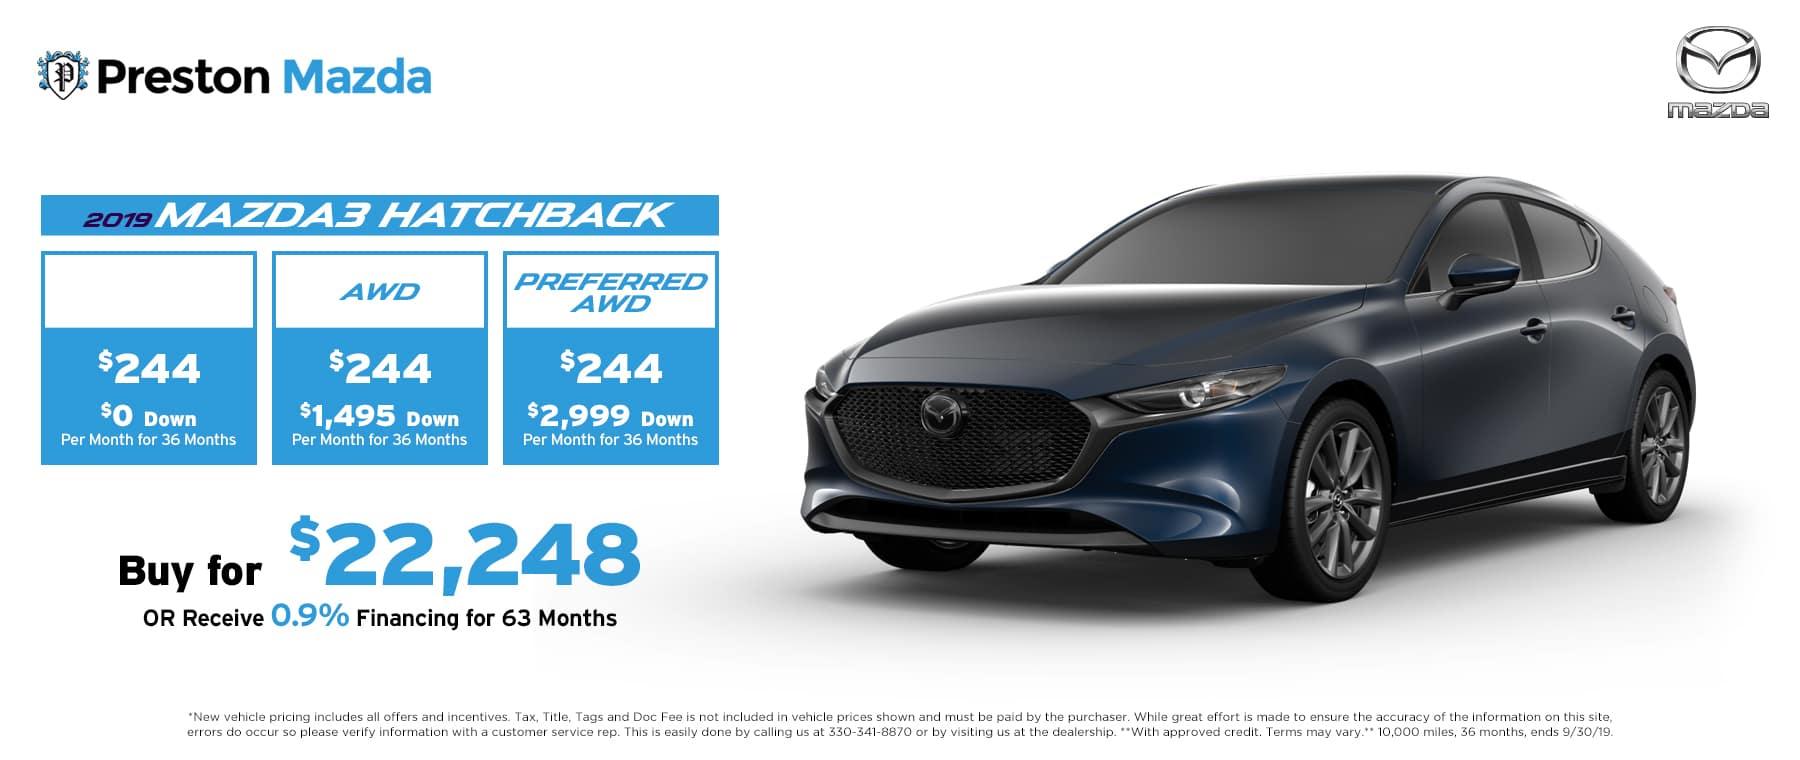 September special on the 2019 Mazda3 Hatchback